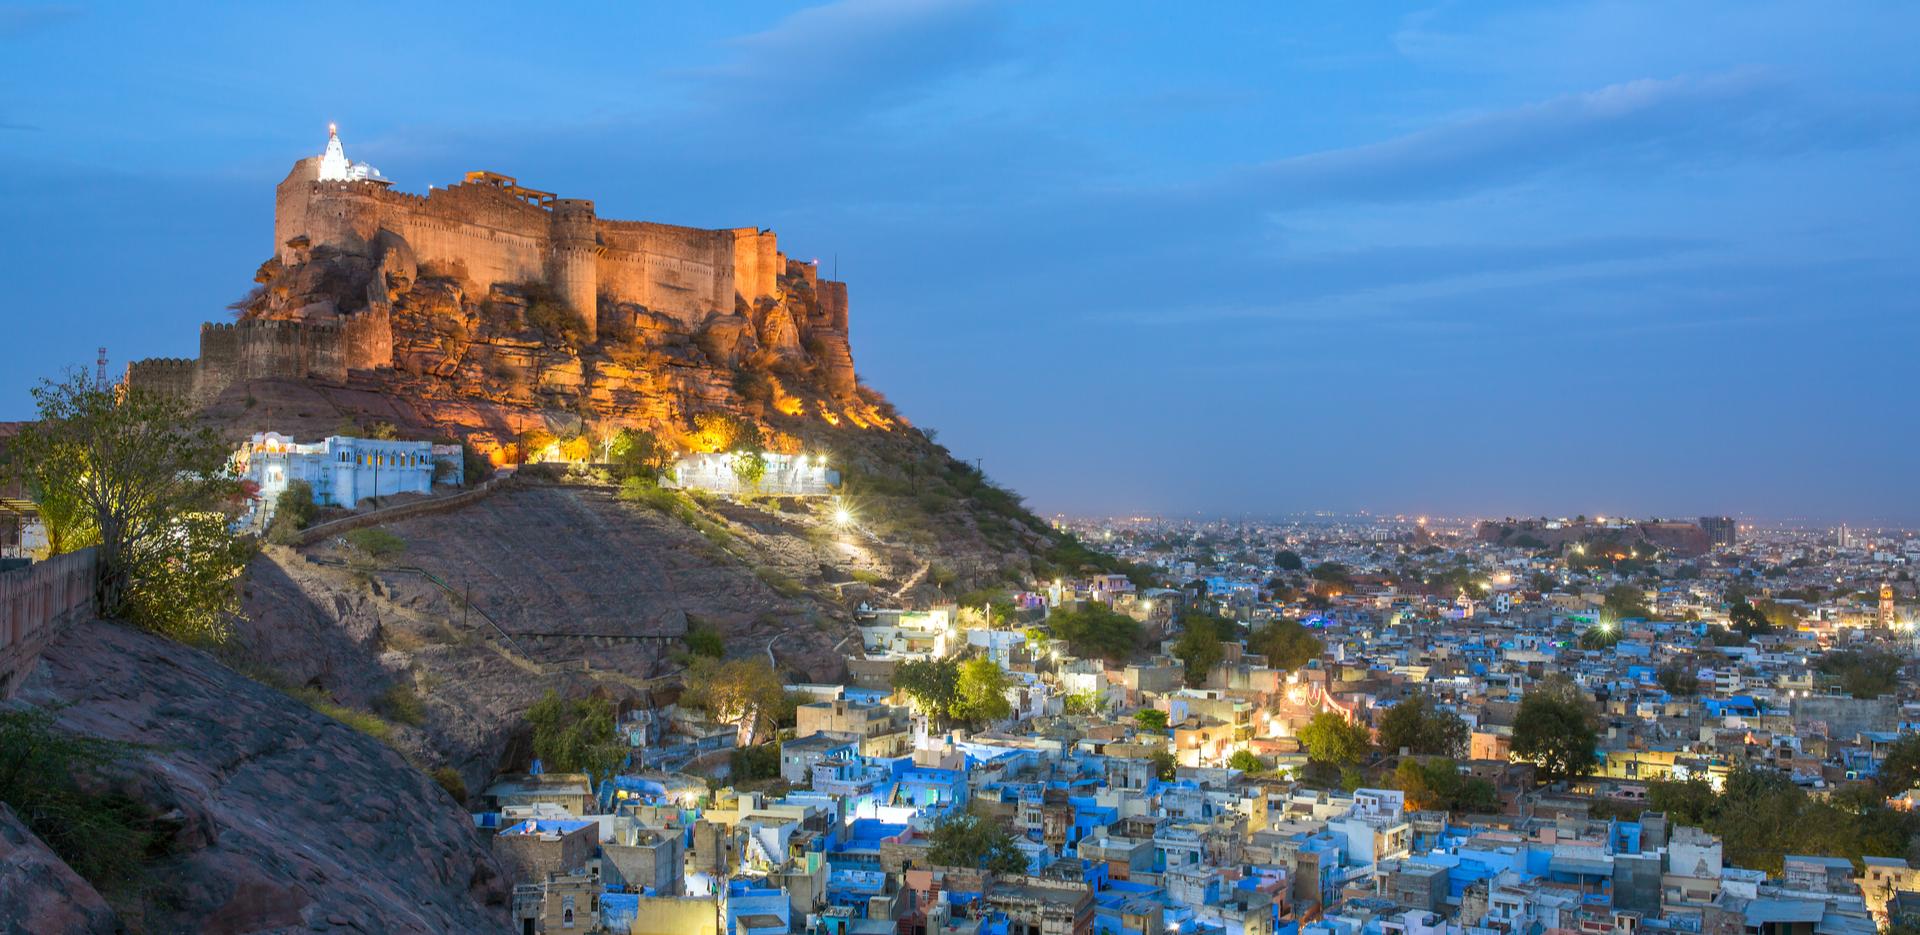 Jodhpur City, Rajasthan